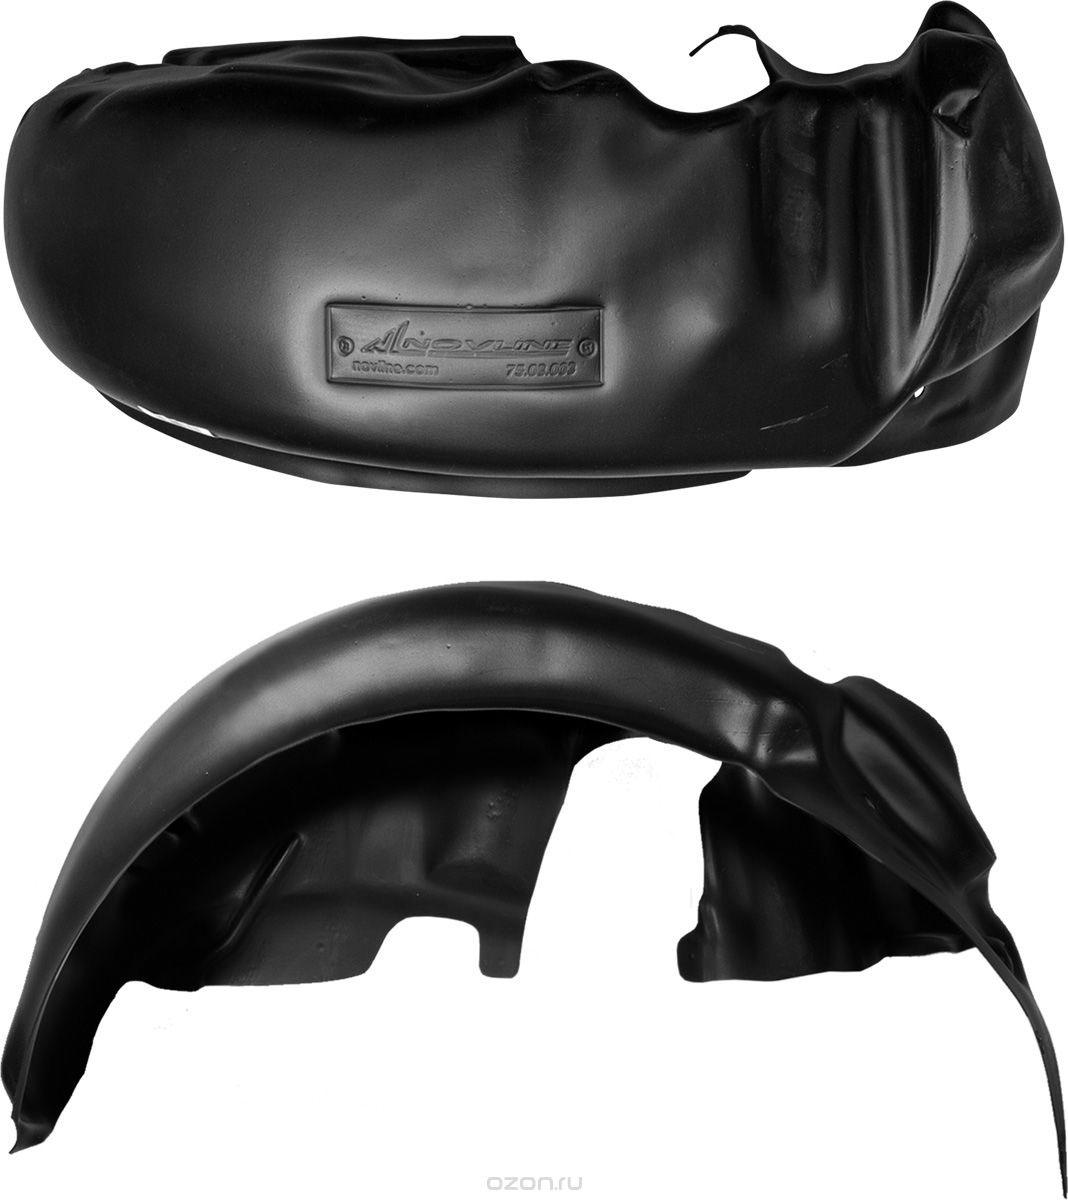 Подкрылок Novline-Autofamily, для Mitsubishi Lancer X, 03/2007->, хэтчбек, задний левыйNLL.35.19.003Идеальная защита колесной ниши. Локеры разработаны с применением цифровых технологий, гарантируют максимальную повторяемость поверхности арки. Изделия устанавливаются без нарушения лакокрасочного покрытия автомобиля, каждый подкрылок комплектуется крепежом. Уважаемые клиенты, обращаем ваше внимание, что фотографии на подкрылки универсальные и не отражают реальную форму изделия. При этом само изделие идет точно под размер указанного автомобиля.